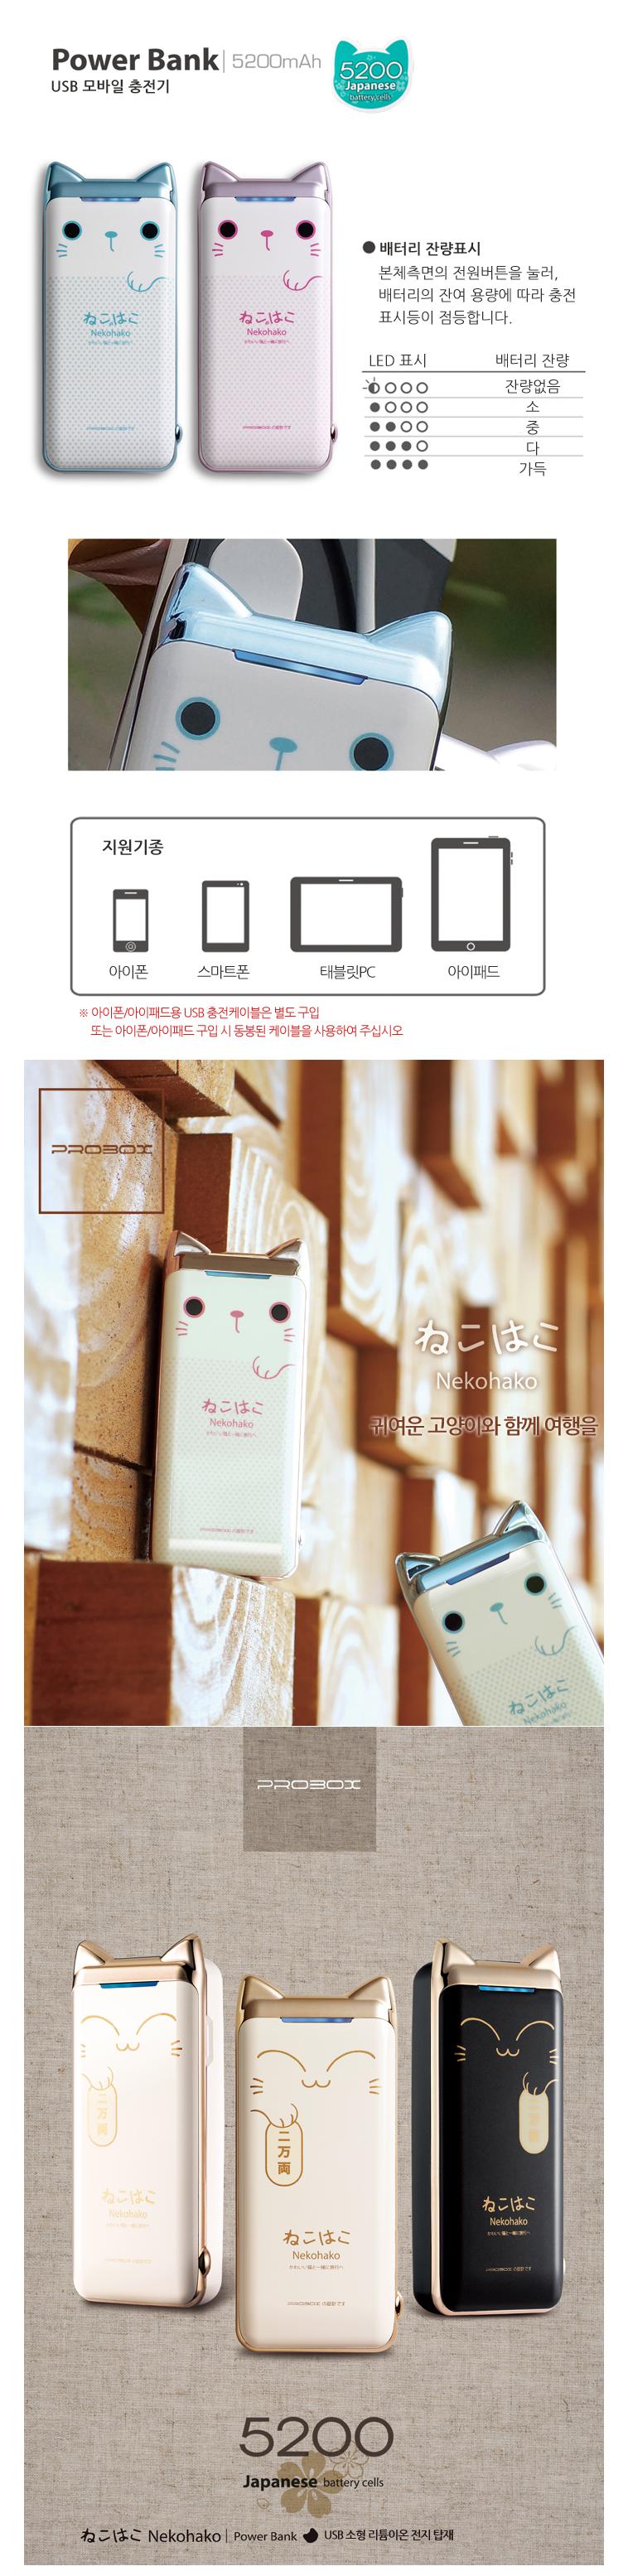 위즈플랫 휴대용 보조배터리 Power Bank S5200 2